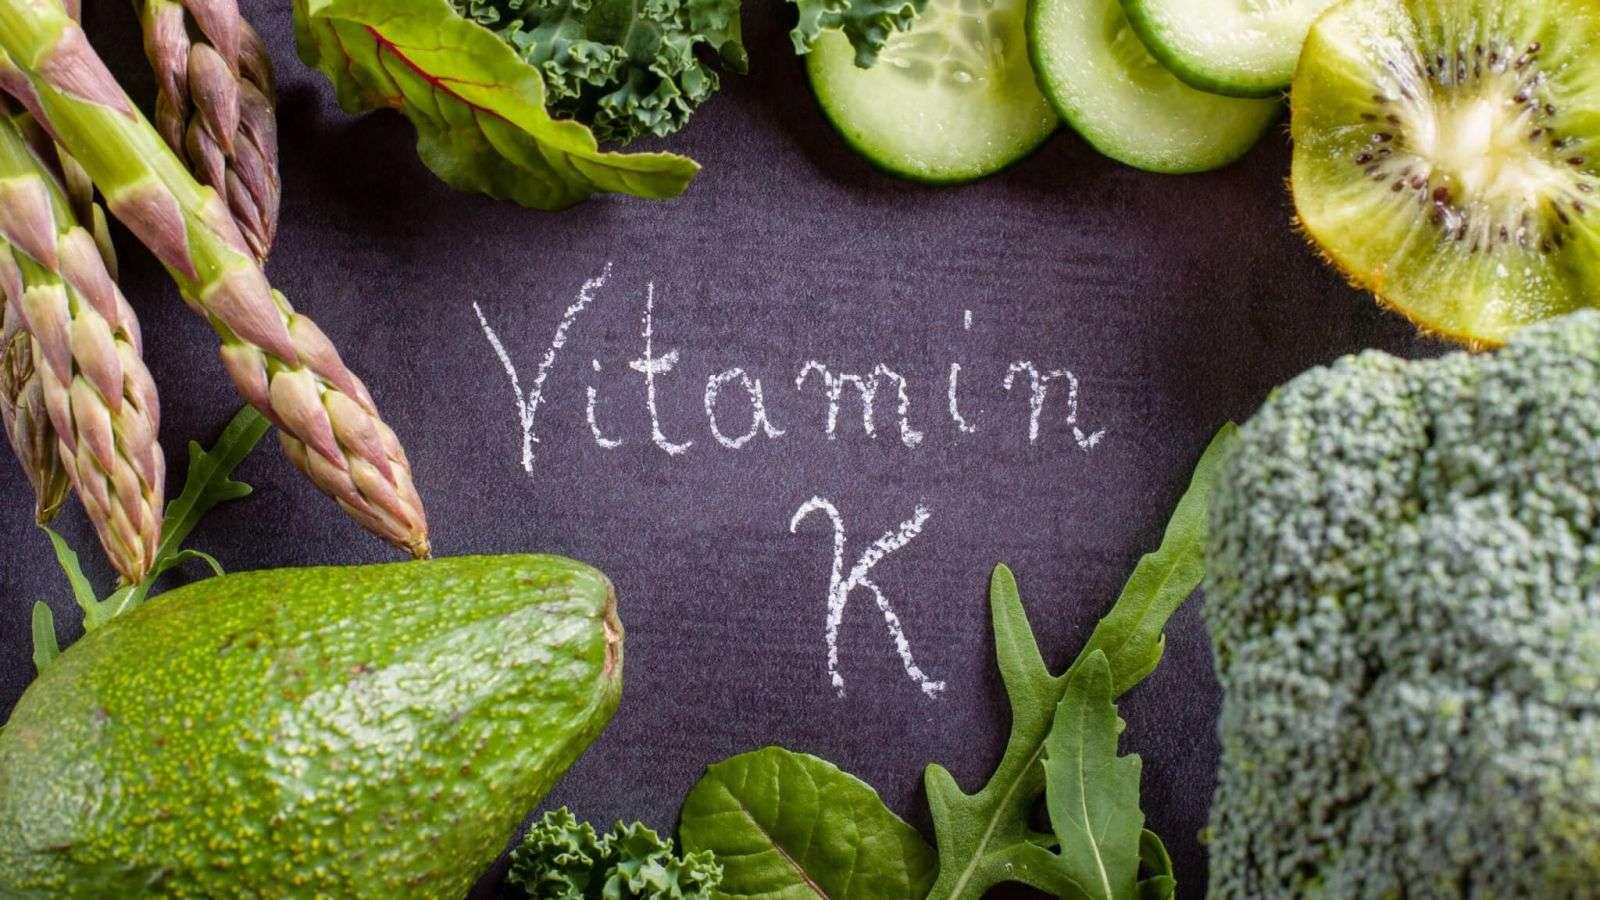 تصویر در غذاهایی که ویتامین K دارند